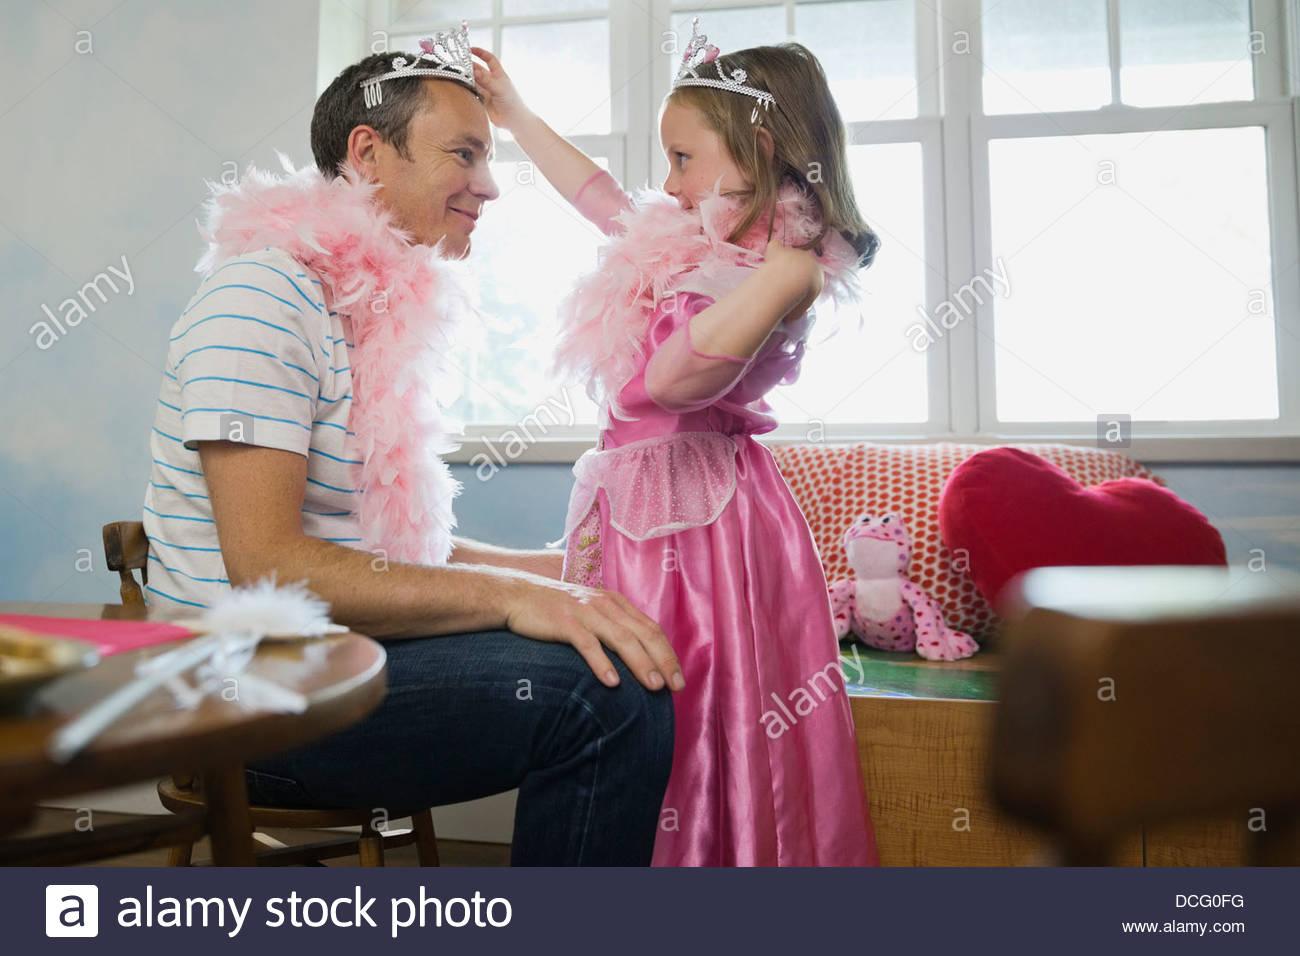 Petite fille mettant tiara sur son père Photo Stock